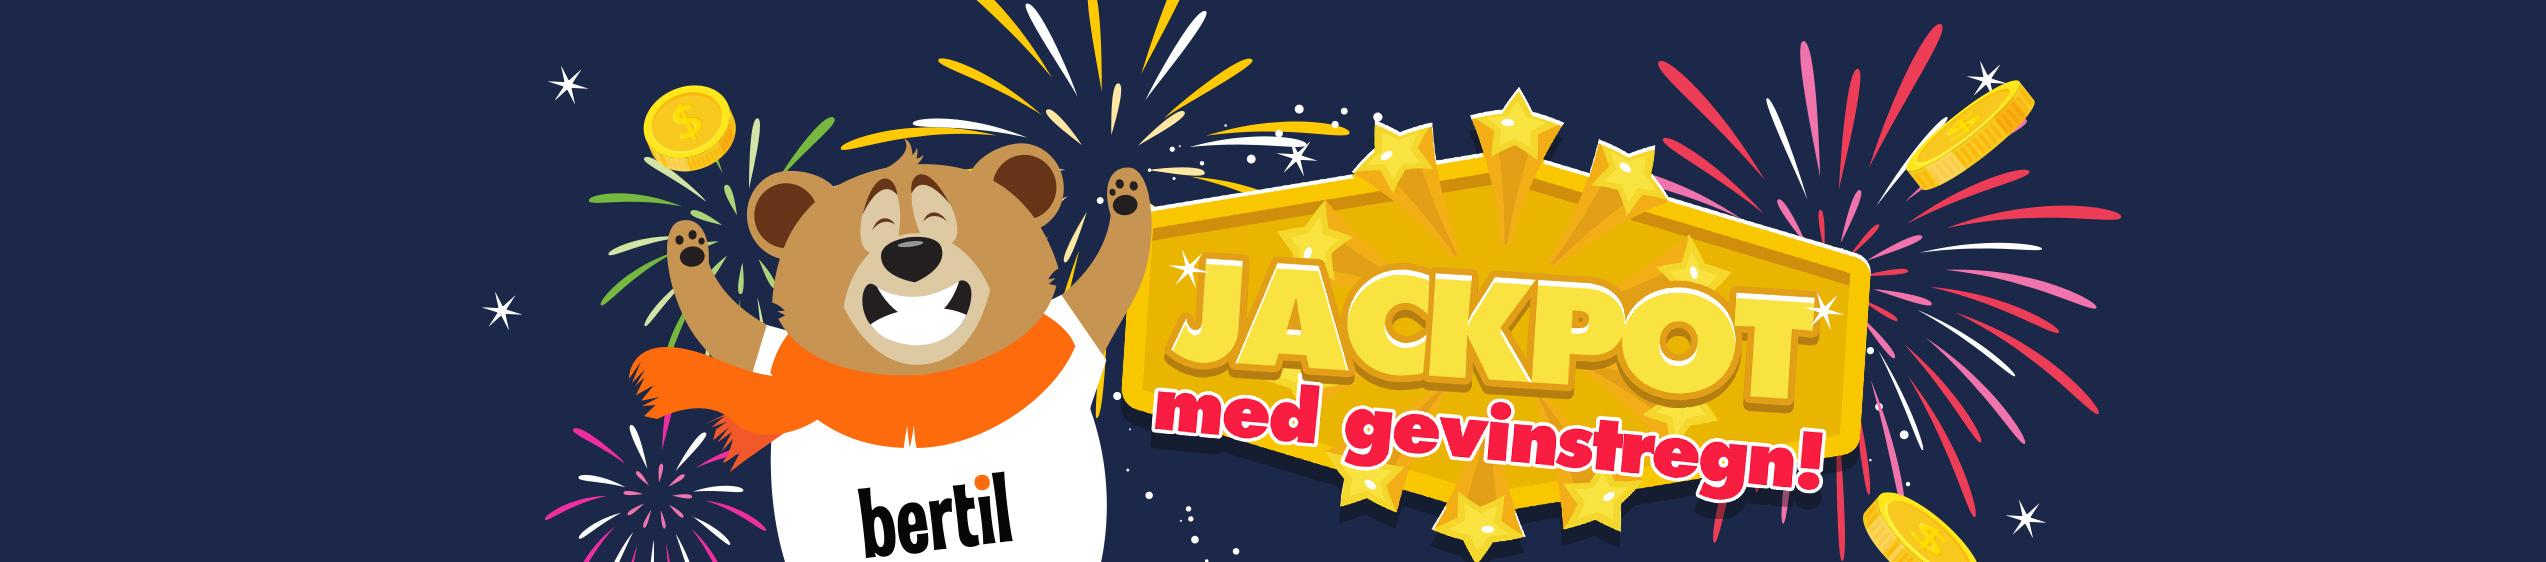 Vinn 1000 EUR jackpot i Regn hver fredag og søndag!